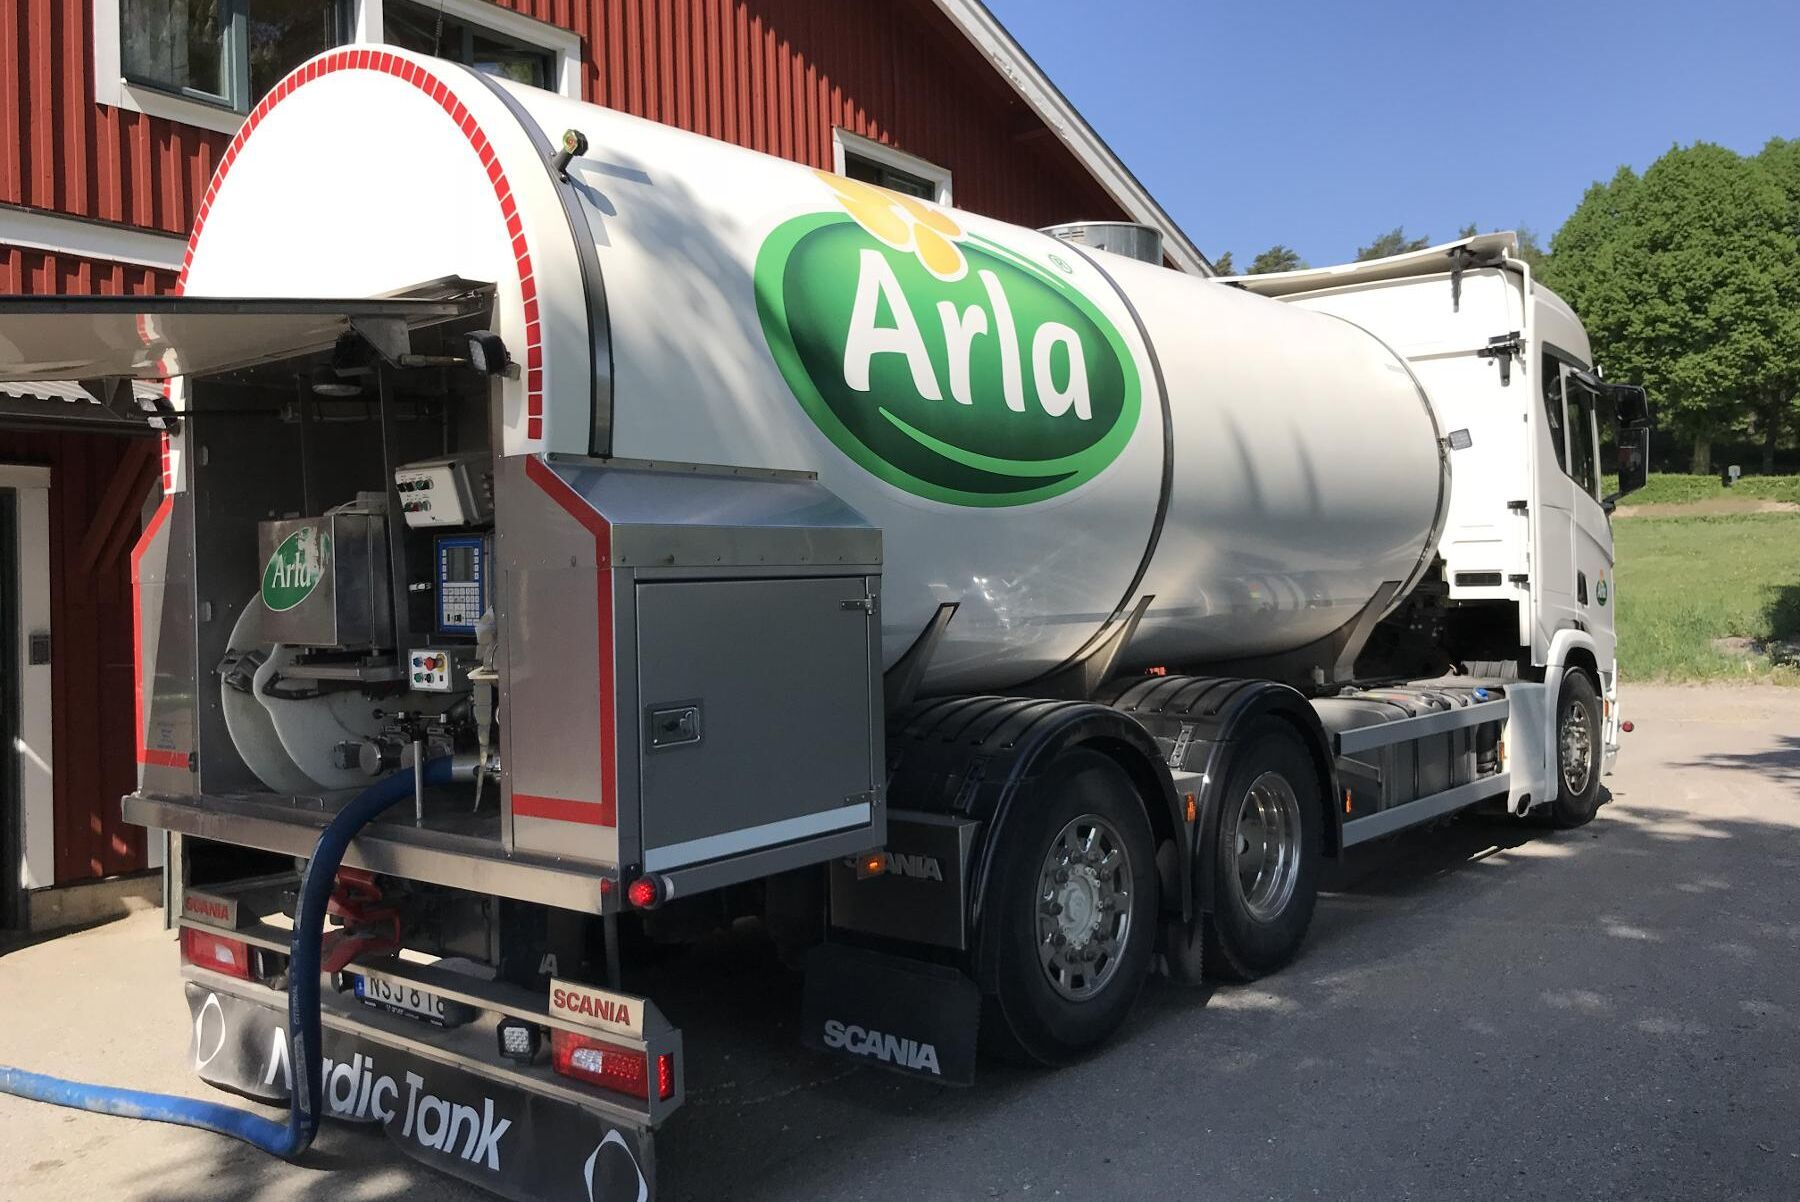 Mjölkbönderna i Östergötland levererar cirka 220 miljoner kilo mjölk till mejeriet i Linköping varje år. På sikt kommer det att behövas mer i och med att Arla nu investerar i en ny förpackningslinje där.